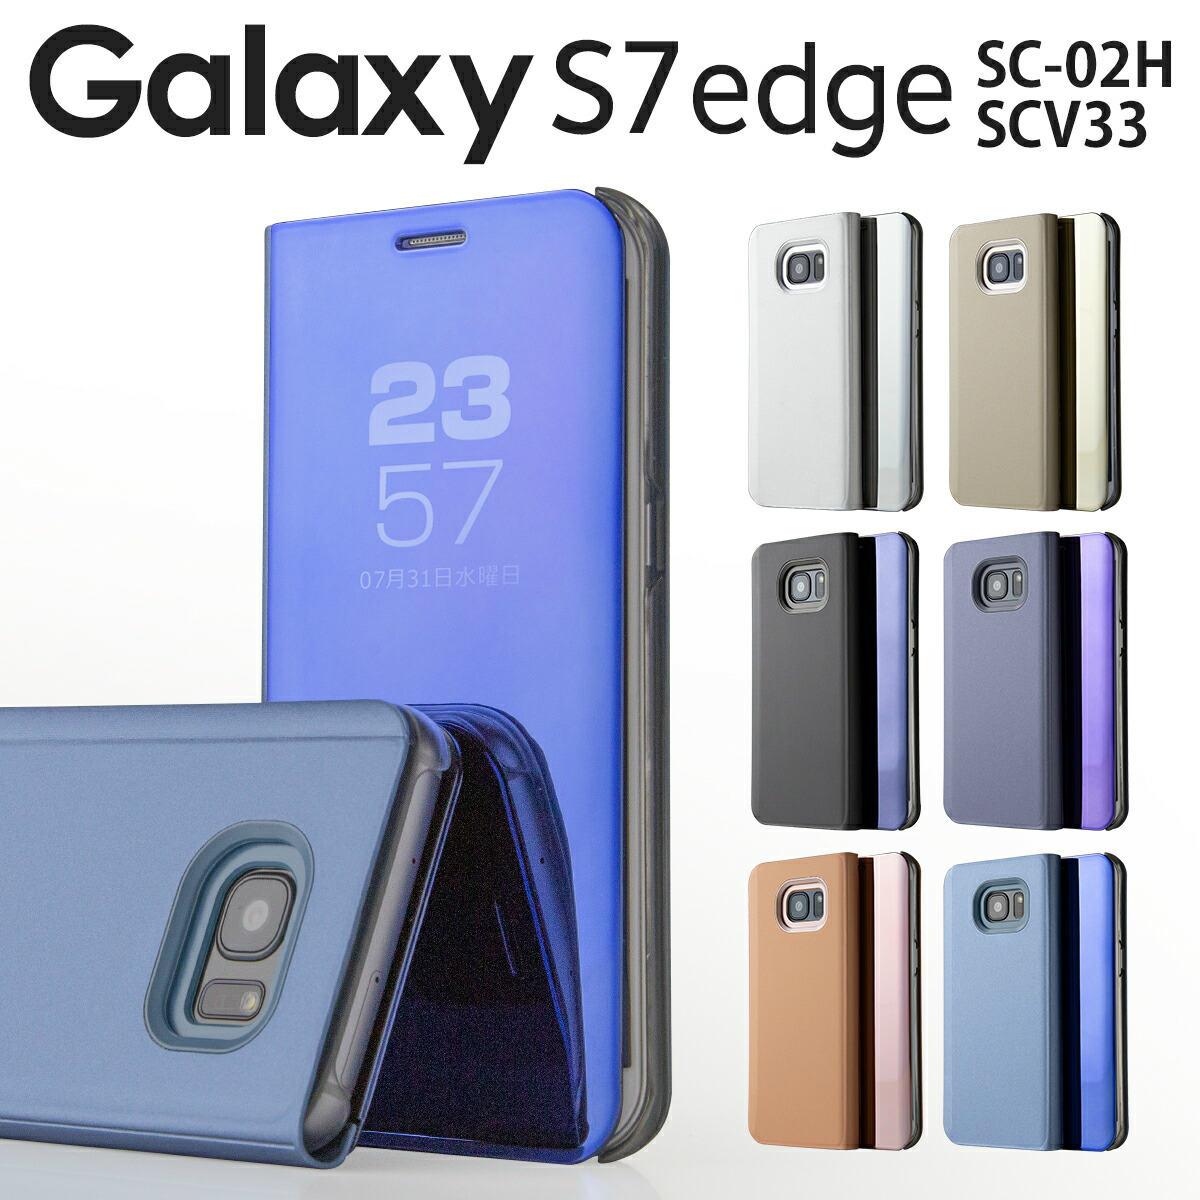 ギャラクシーS7 Galaxy S7 edge SC-02H / SCV33 半透明手帳型ケース|スマホカバー カバー 携帯ケース galaxy s7 edge ケース galaxys7edge ギャラクシーs7 エッジ アンドロイド 手帳型ケース 韓国 手帳型 携帯カバー 送料無料